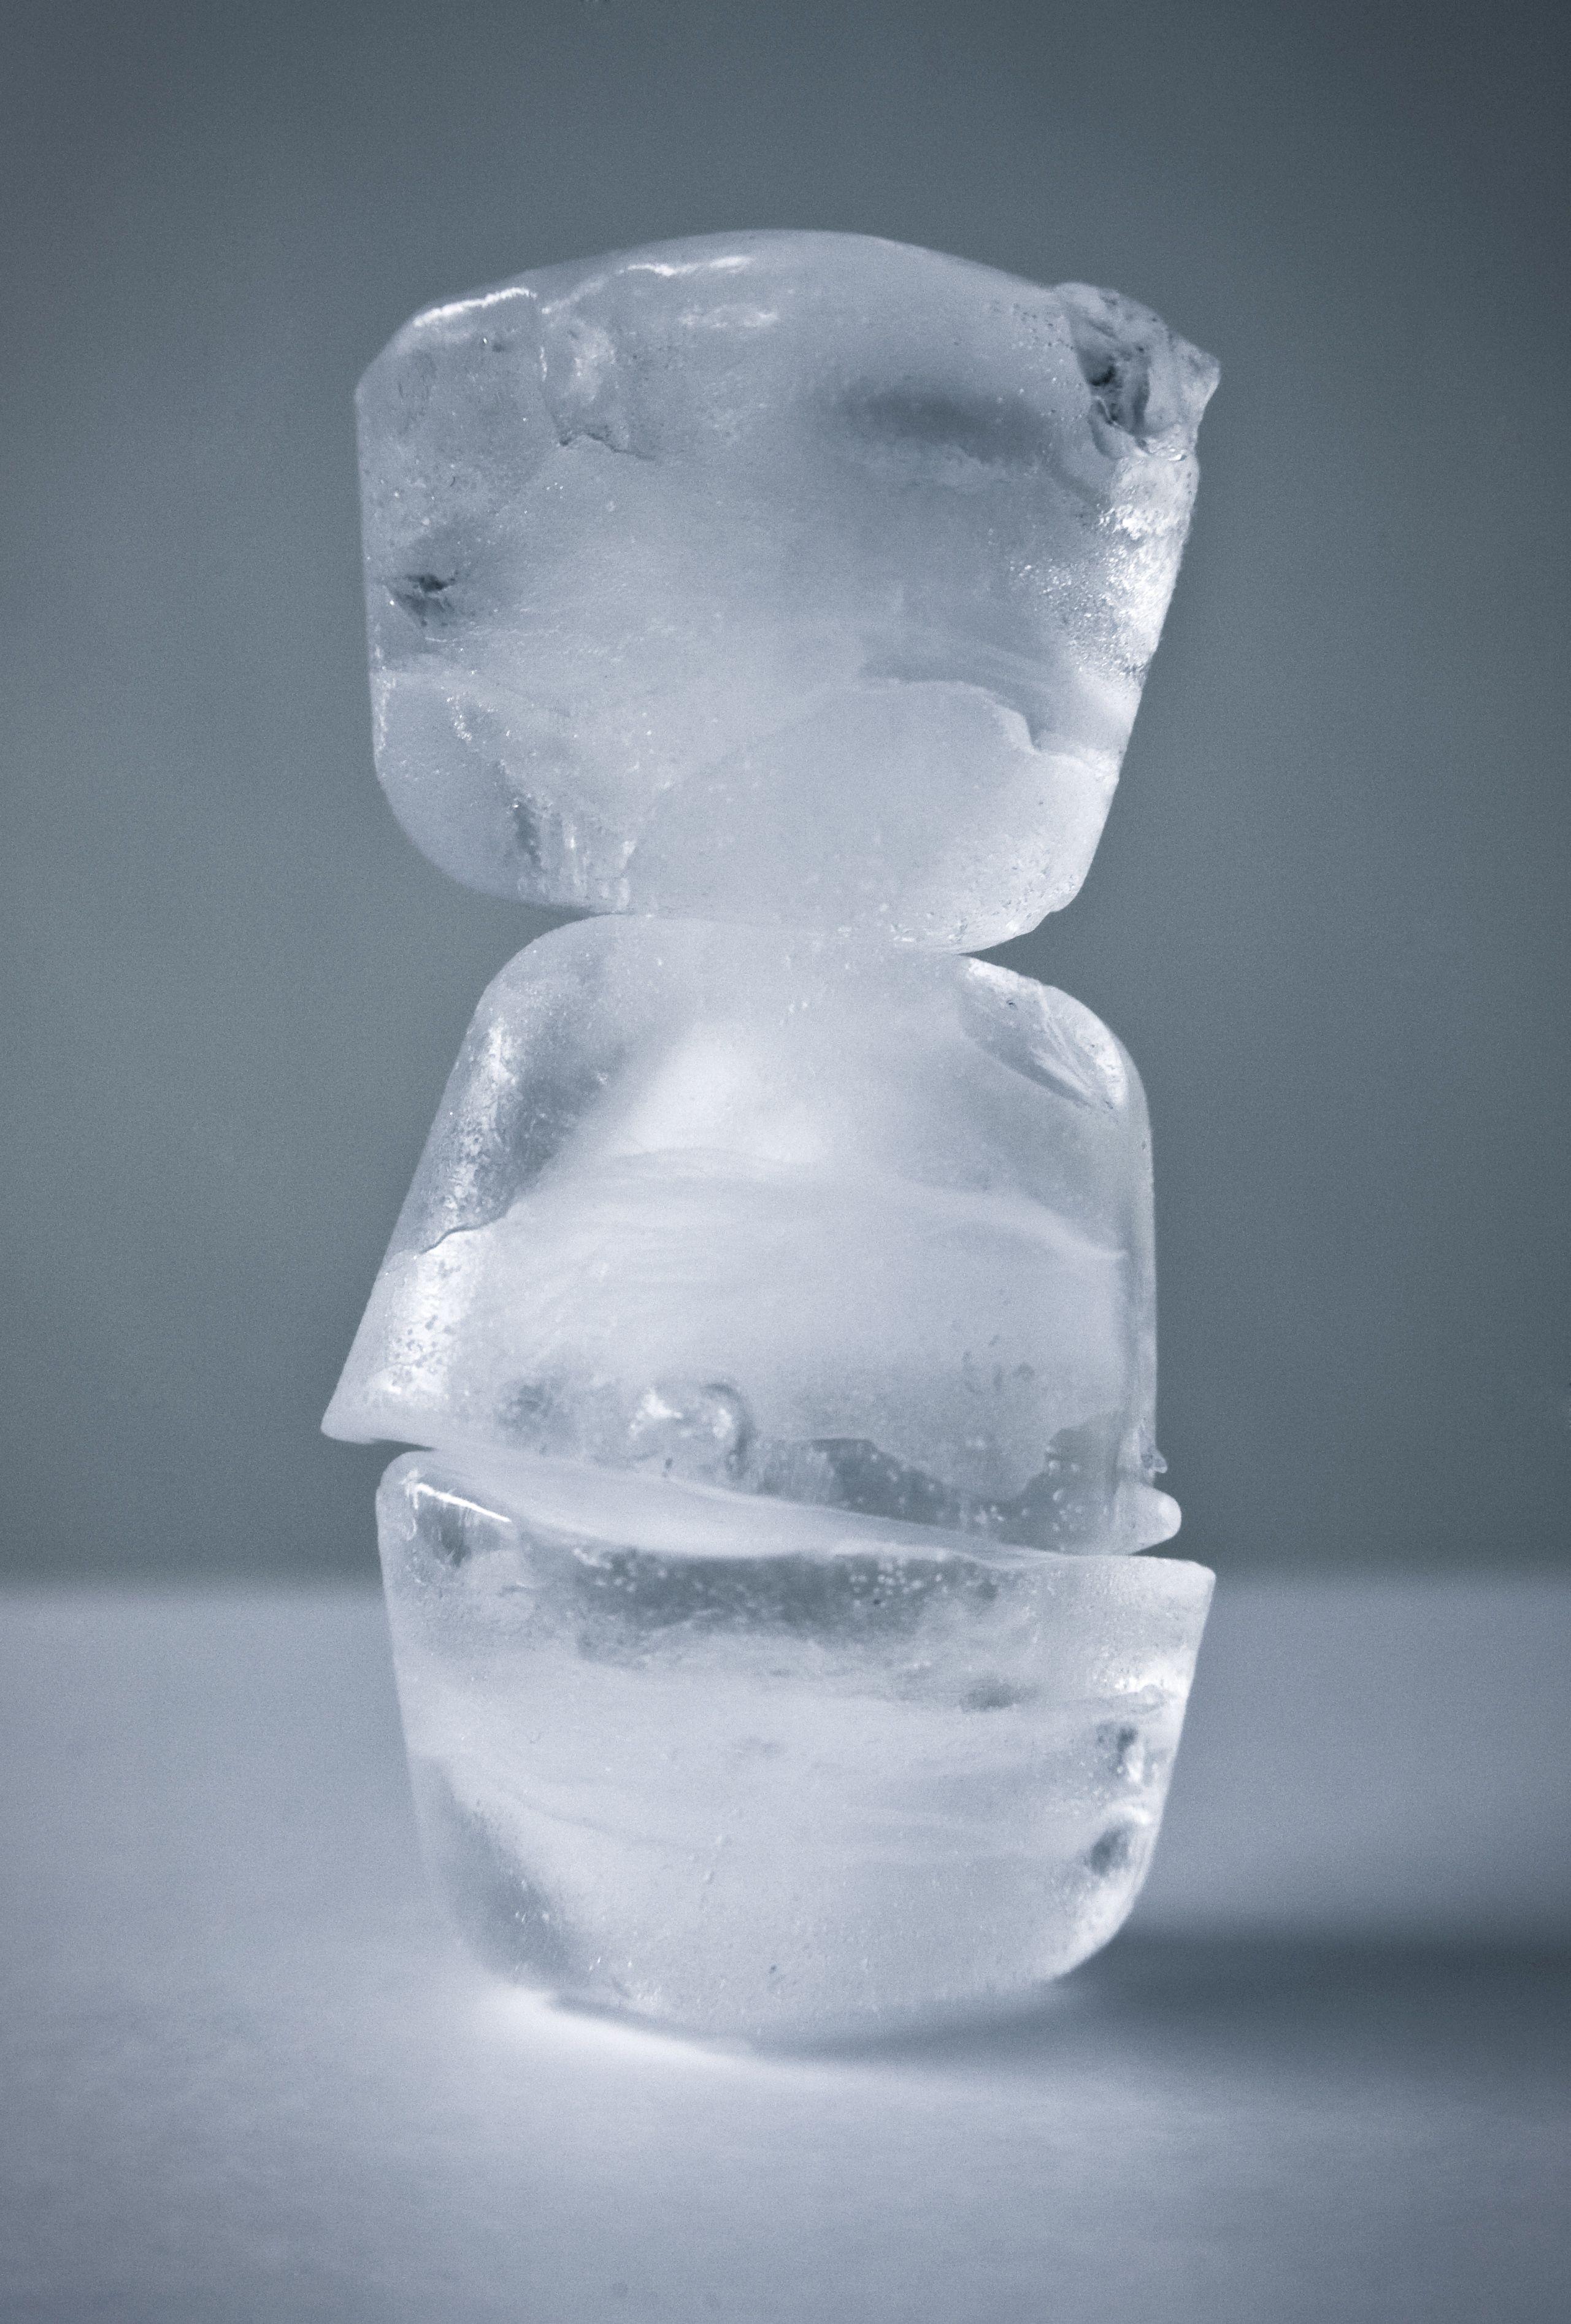 Applicare cubetti di ghiaccio sul viso è la soluzione antiage del secolo?